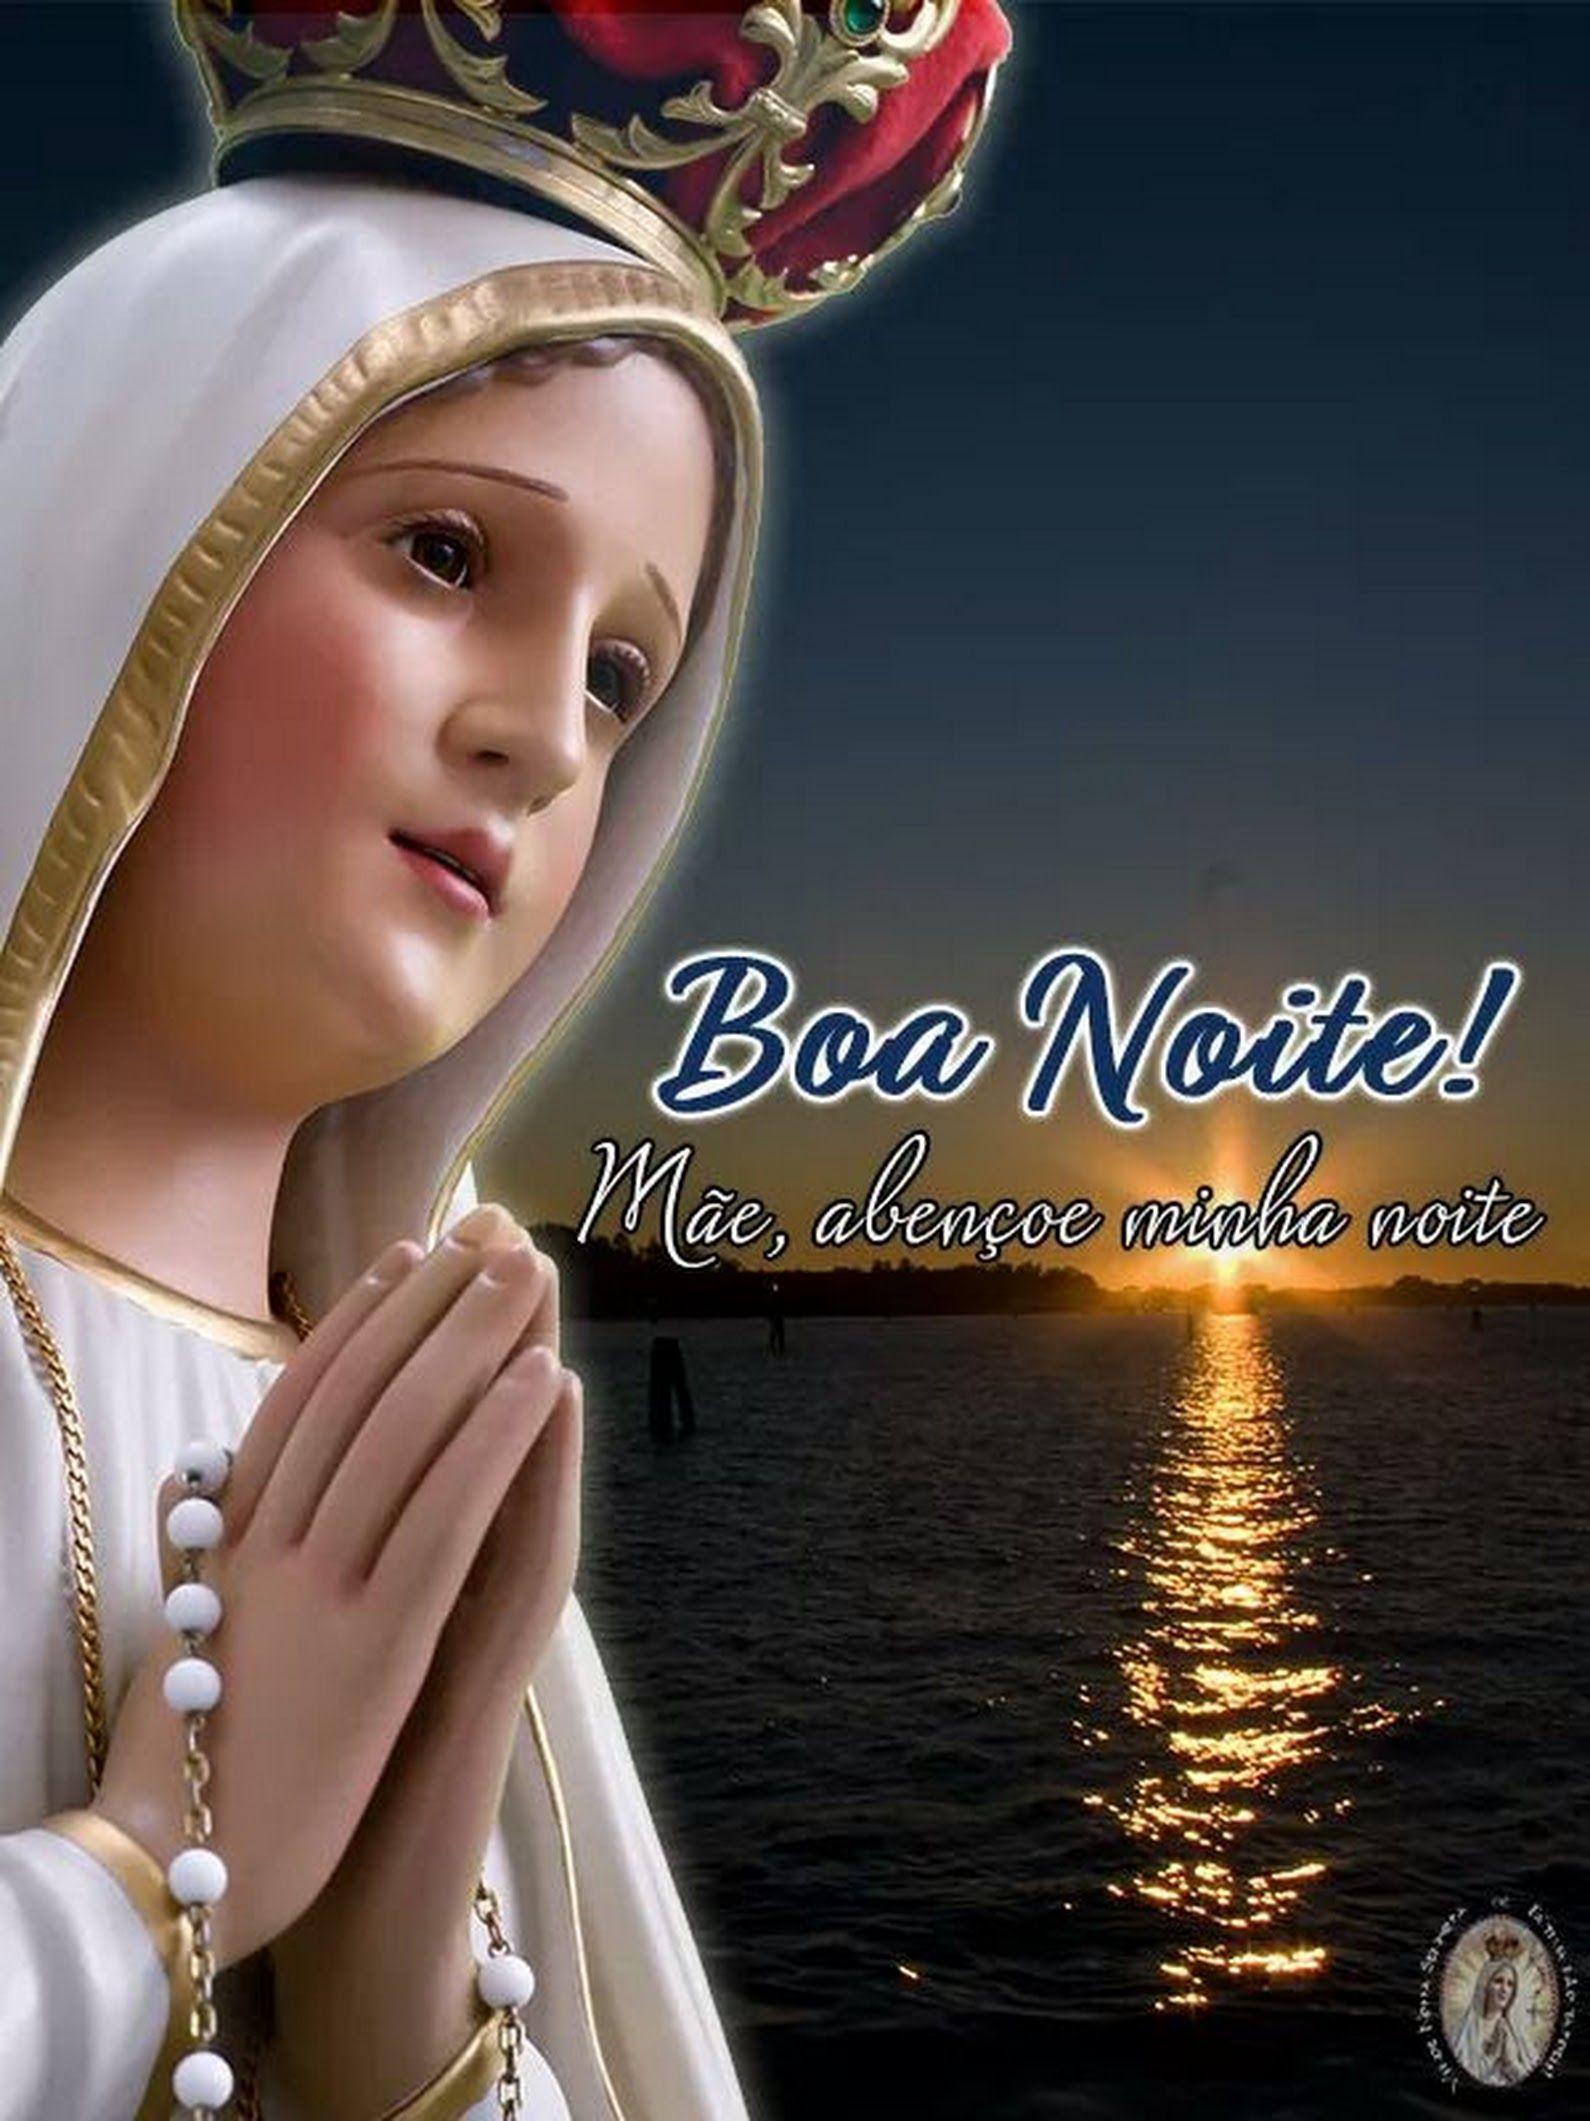 Boa Noite Boa Noite Com Fe Frases De Boa Noite Msg De Boa Noite